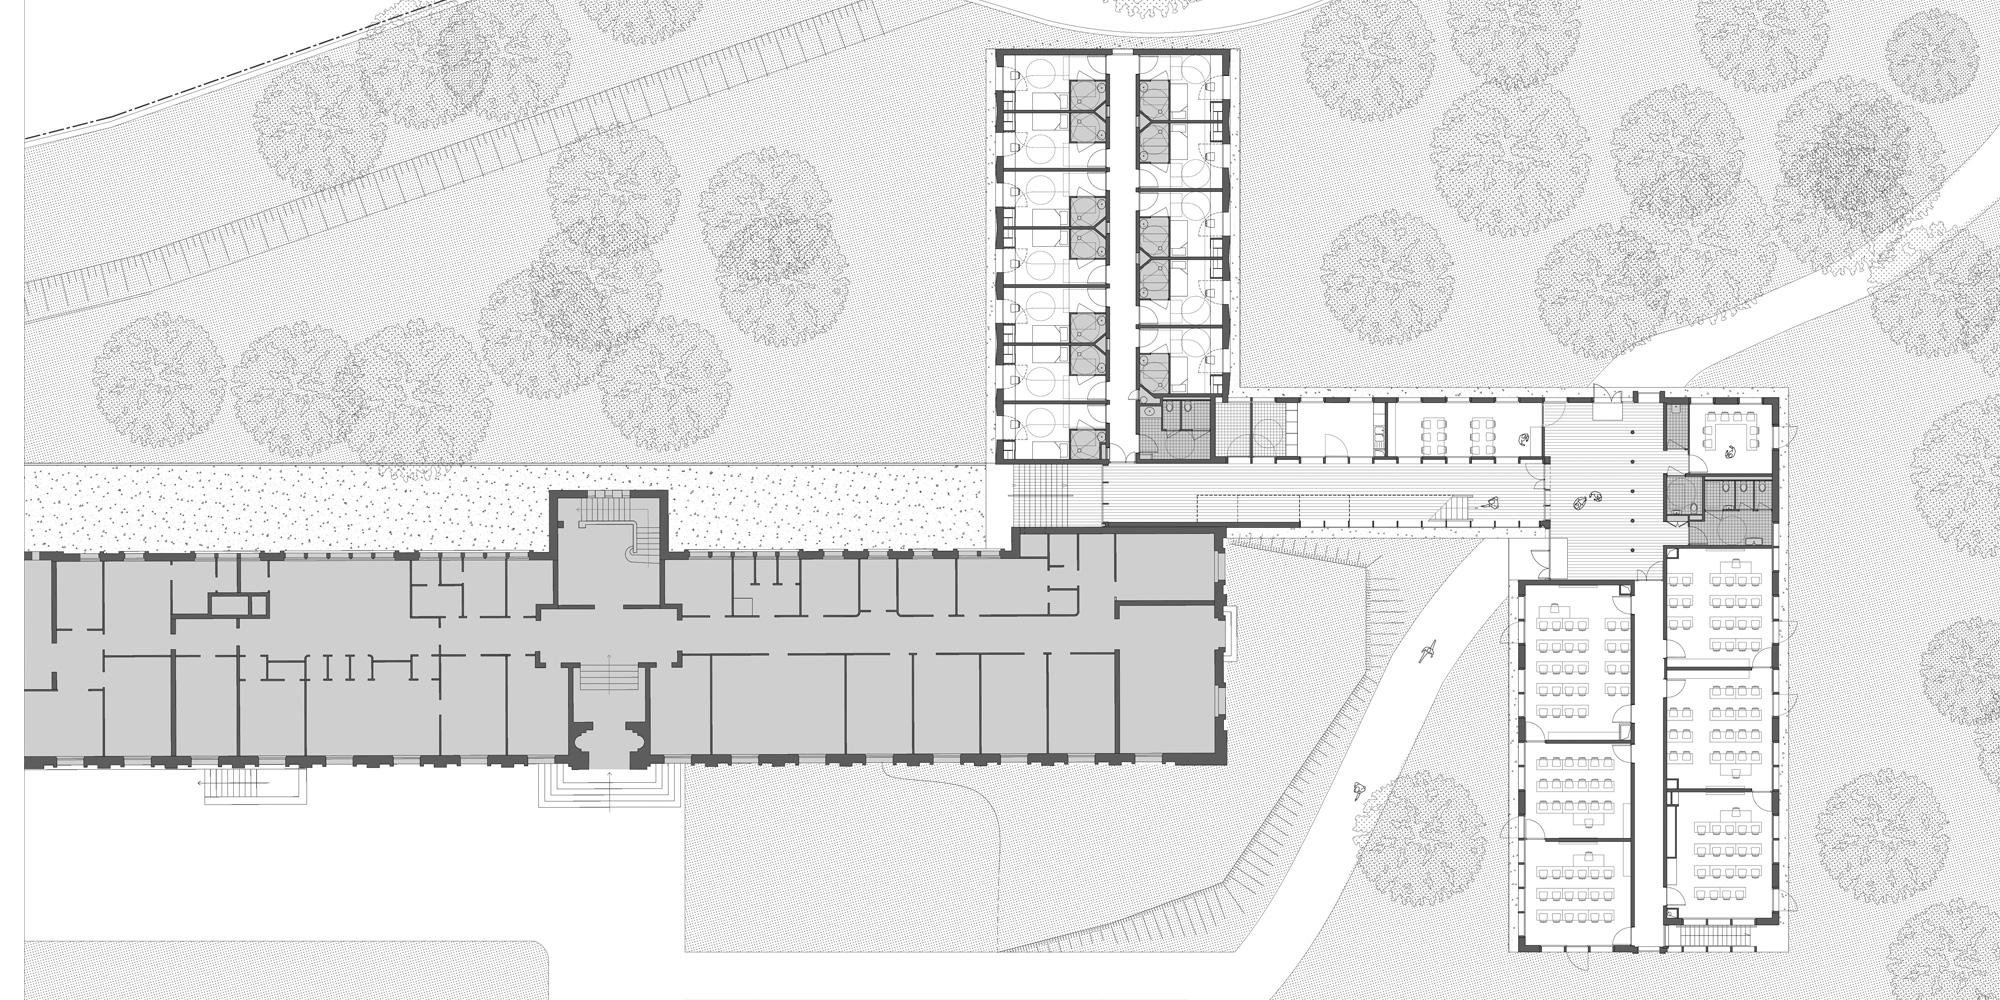 Pianta Piano Terra © Belus & Hénocq Architectes